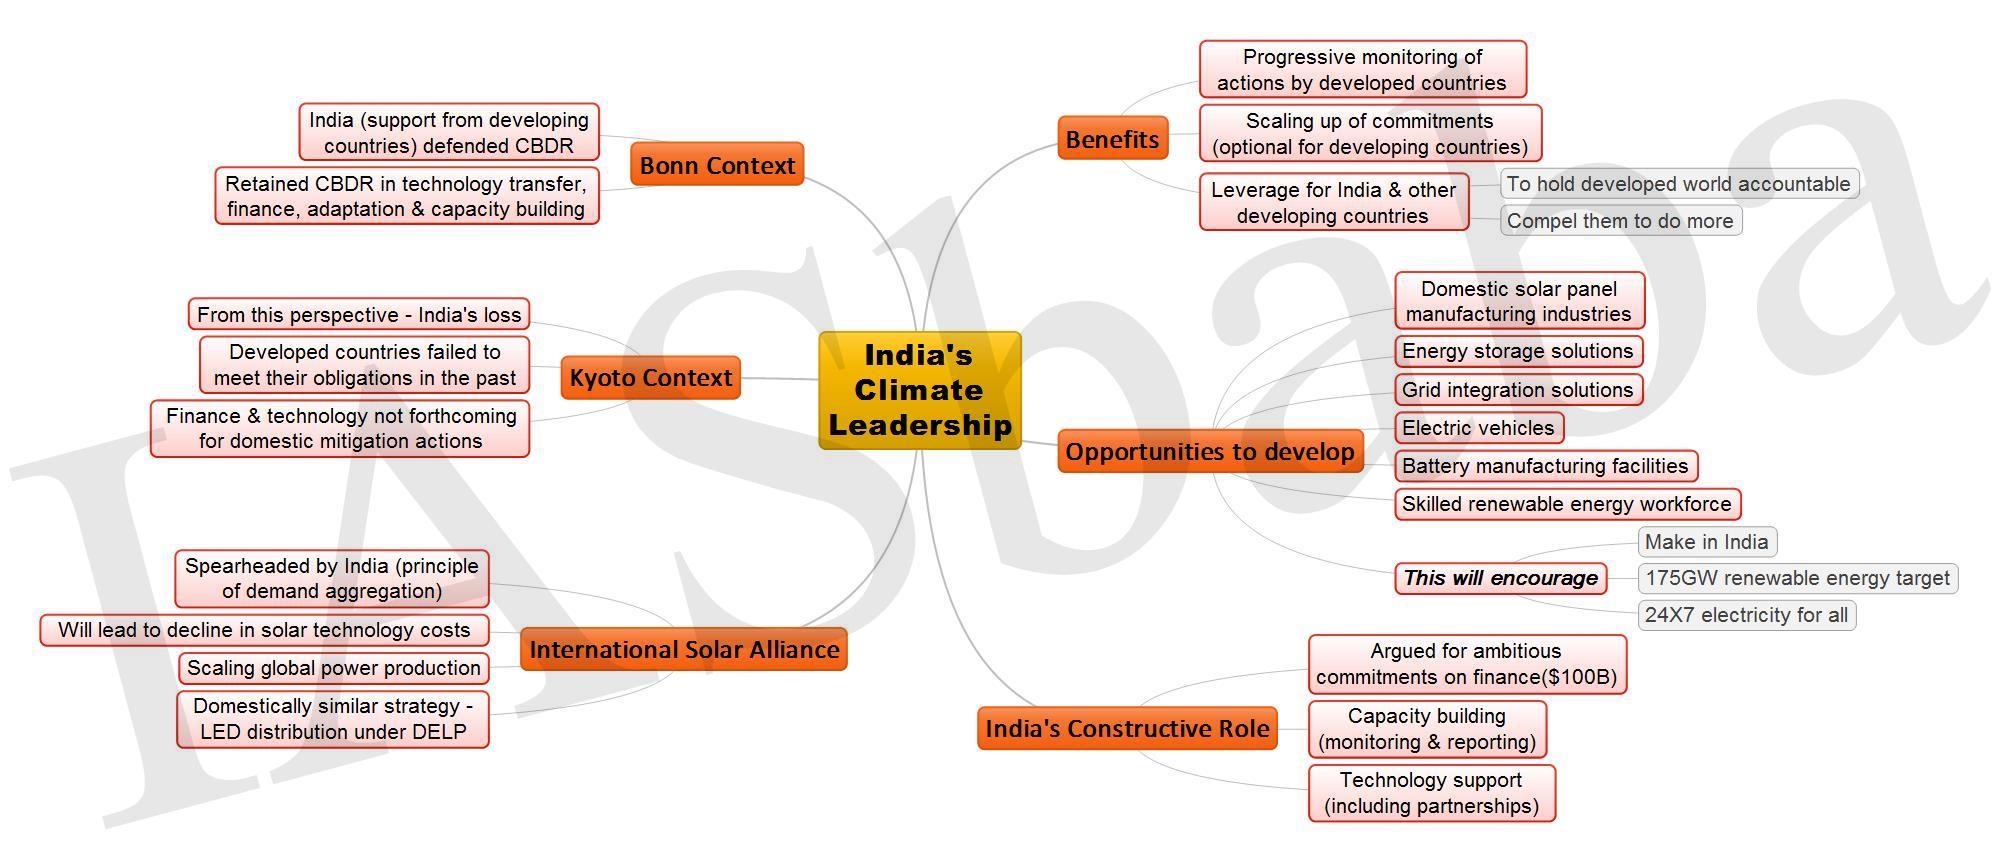 Indias Climate Leadership JPEG